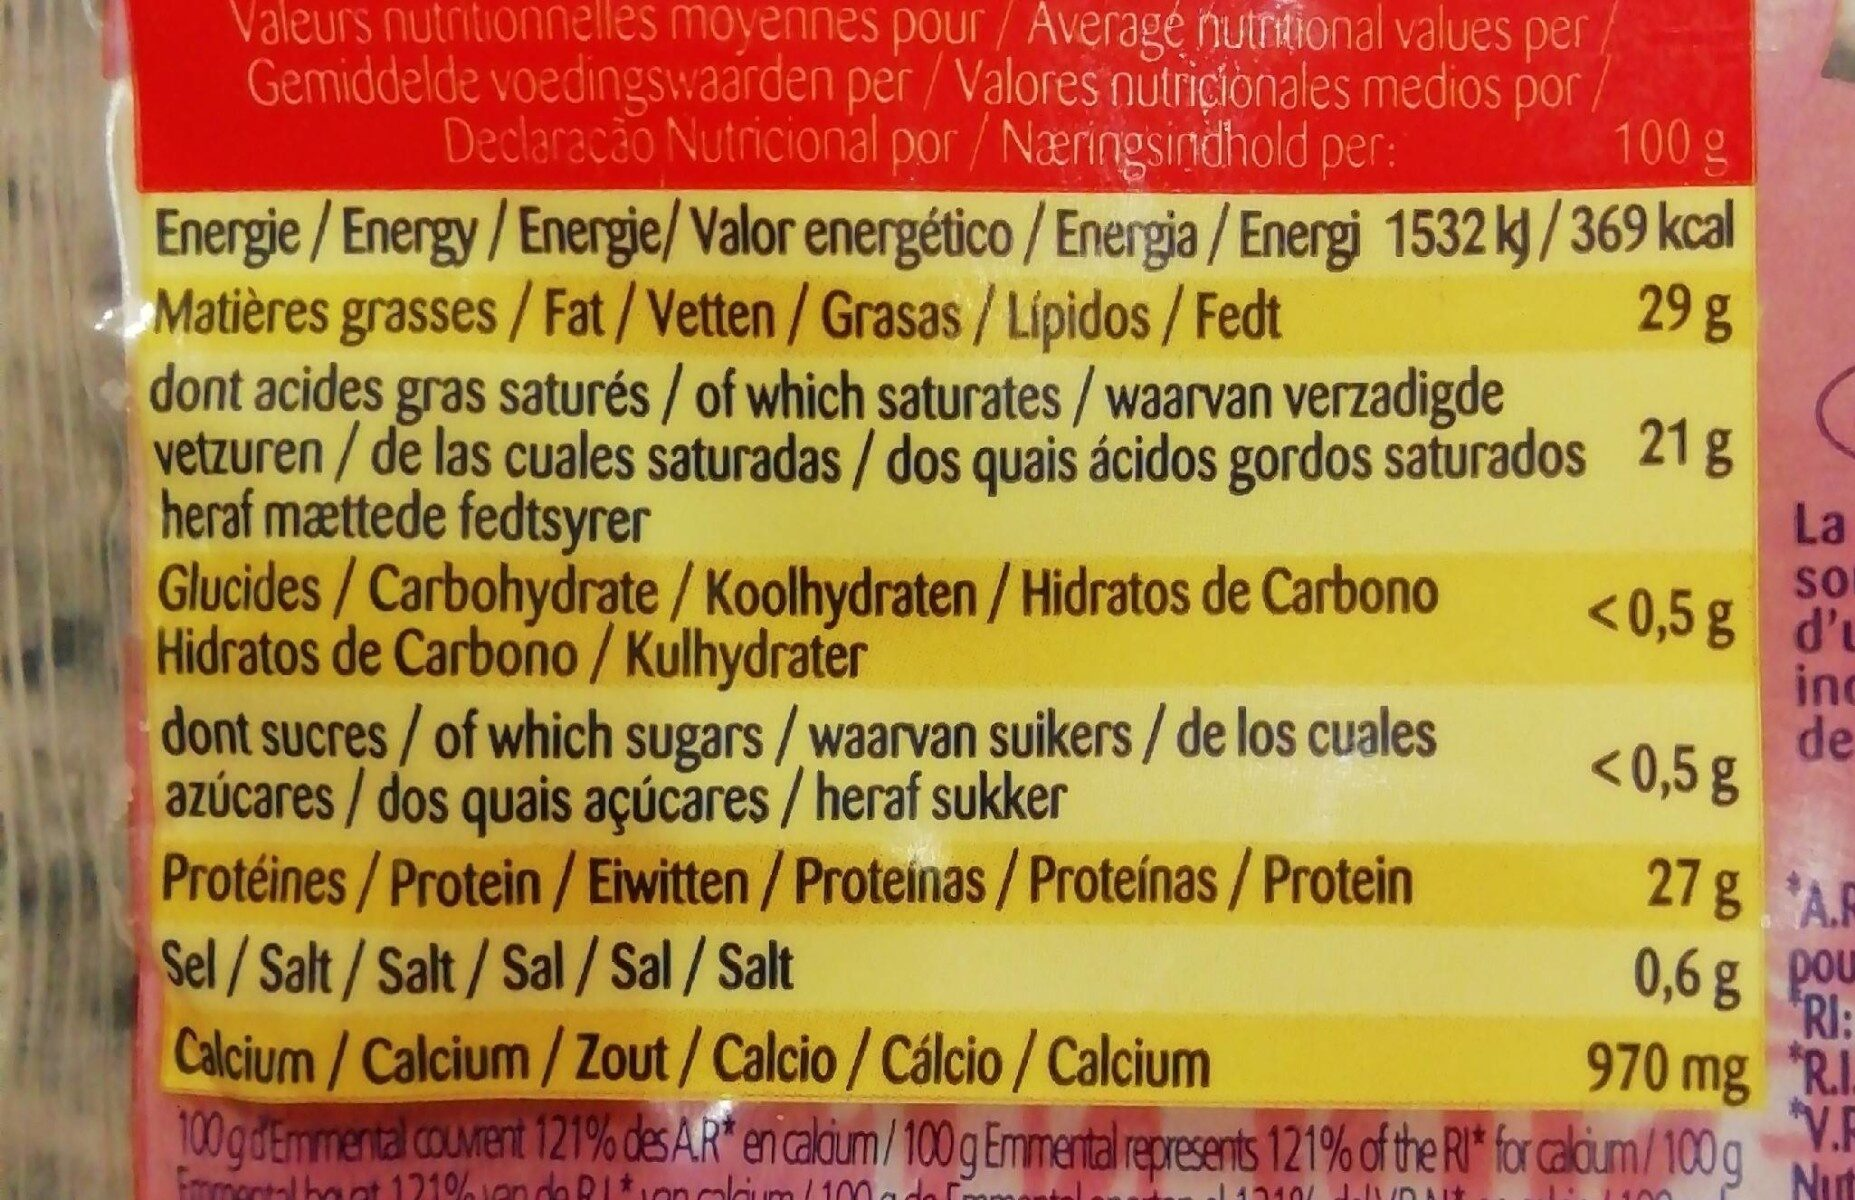 Queso Emmental - Información nutricional - fr